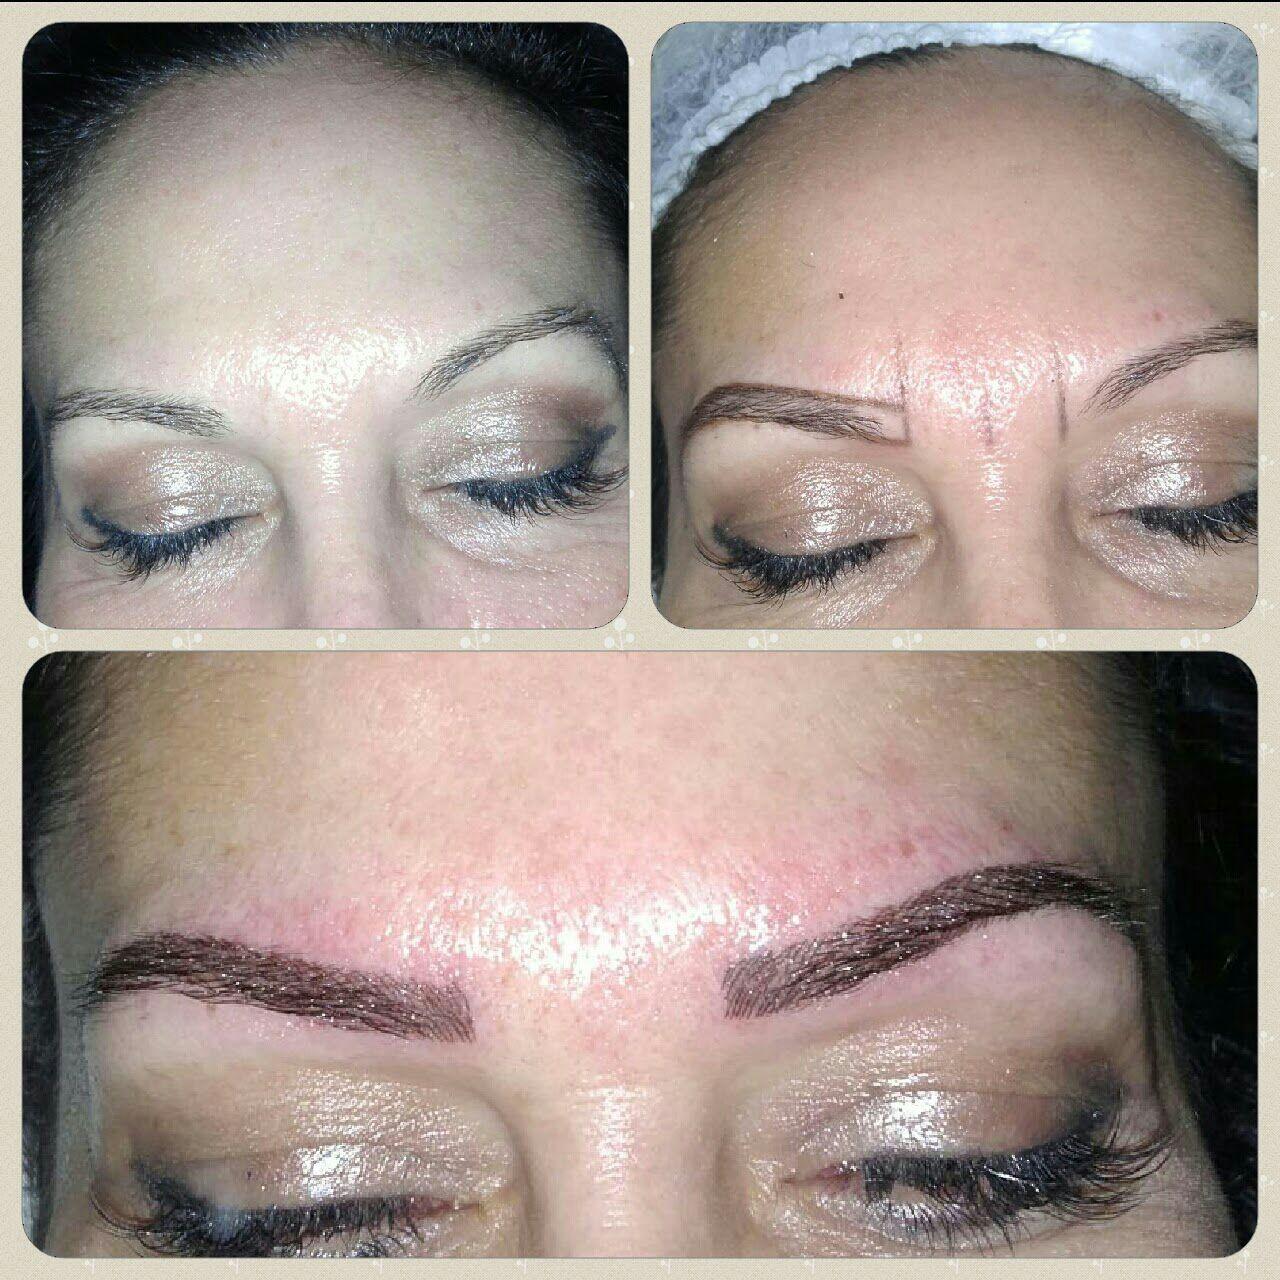 Correcao de falhas Sobrancelha Hibrida estética micropigmentador(a) designer de sobrancelhas esteticista depilador(a)